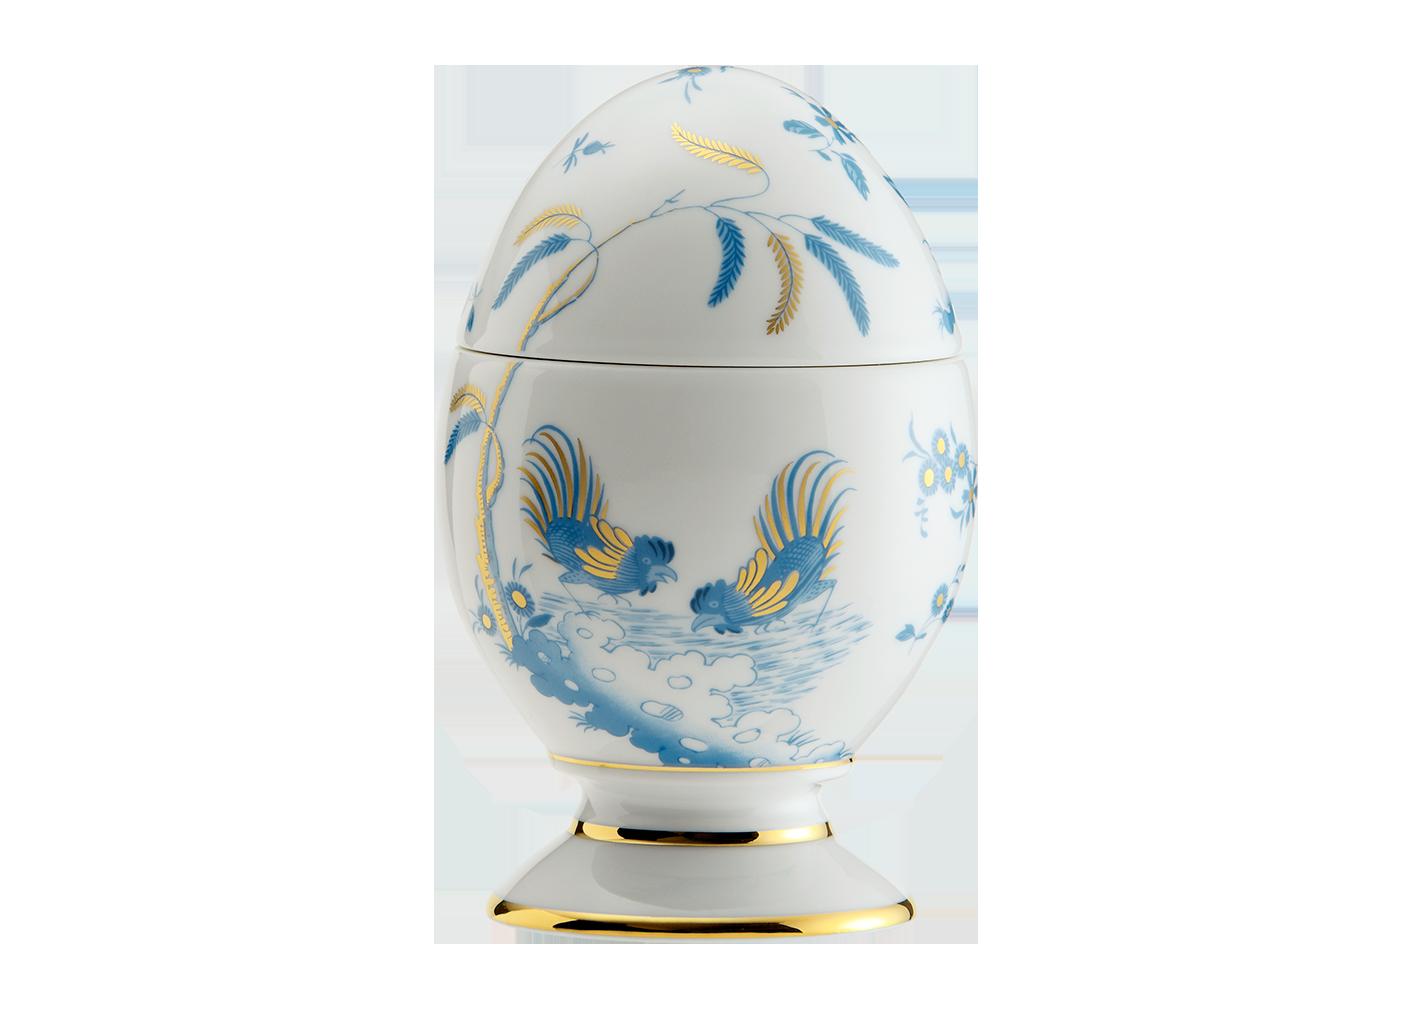 Uovo piccolo Richard Ginori Collezione \